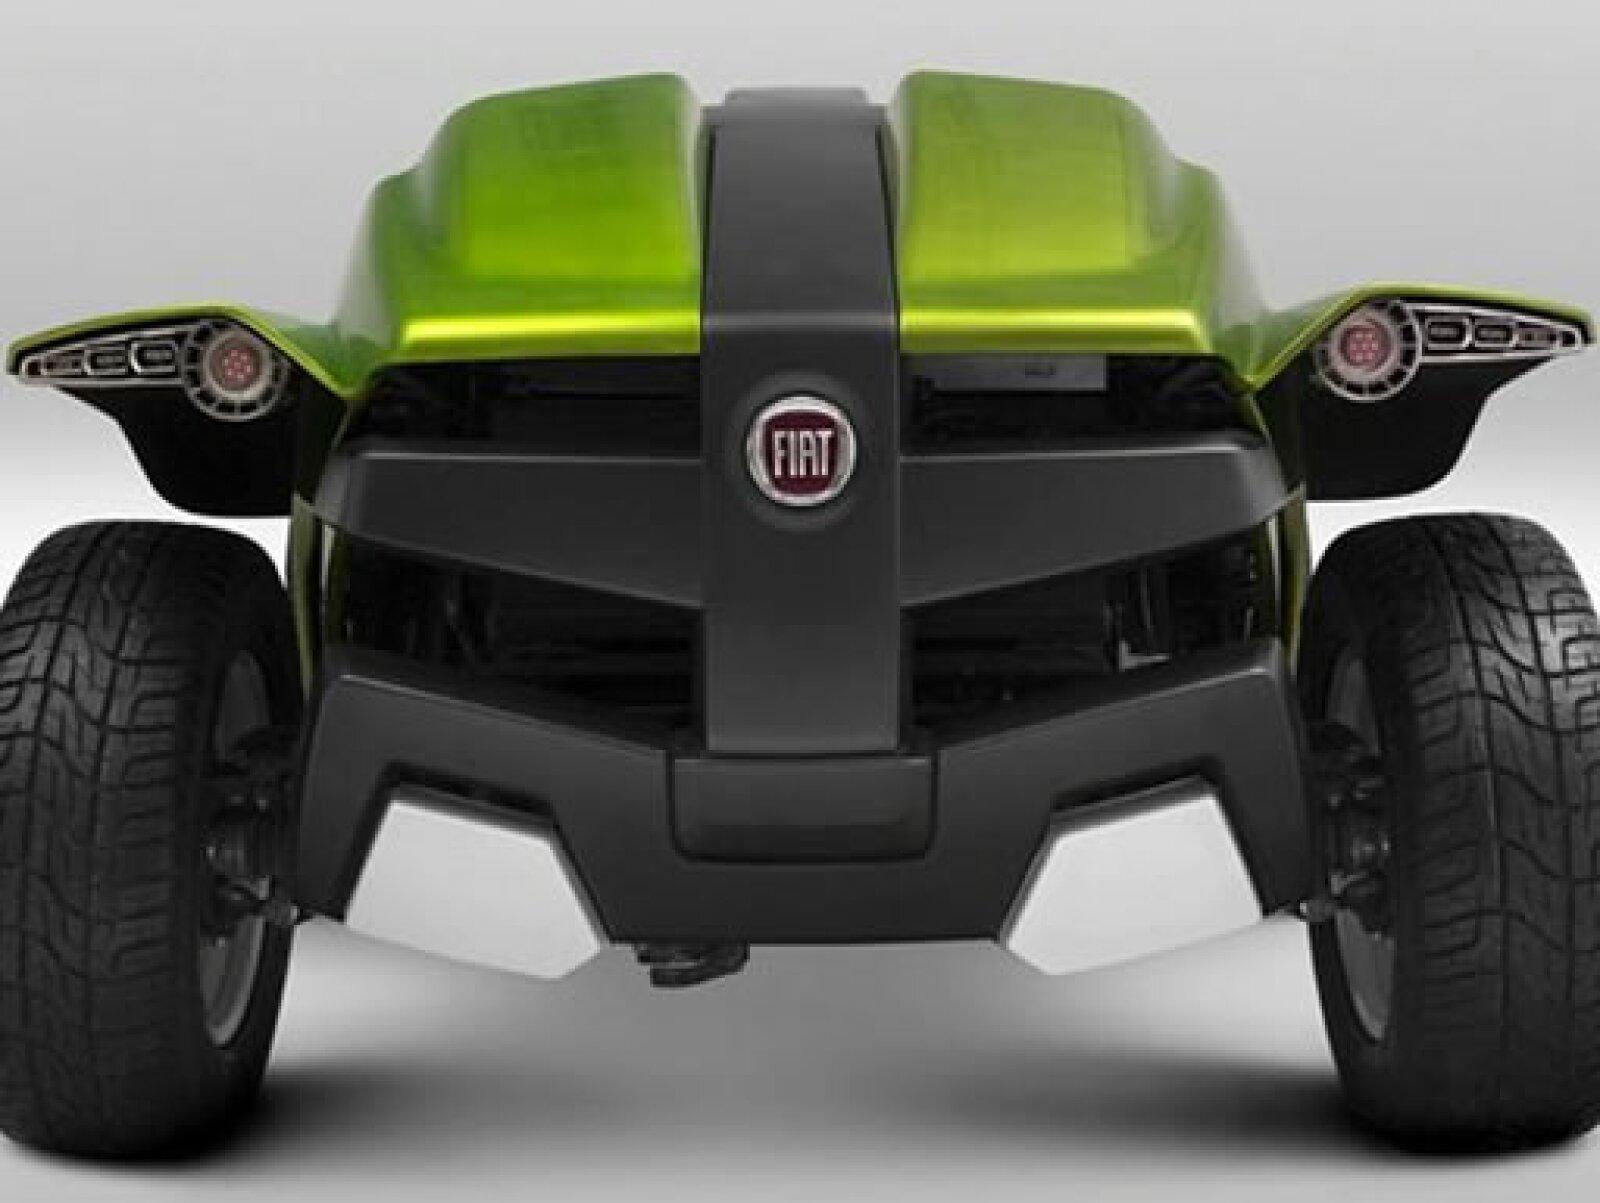 Por ser un vehículo destinado a las actividades deportivas y de todoterreno, está equipado con el eficiente sistema Locker.